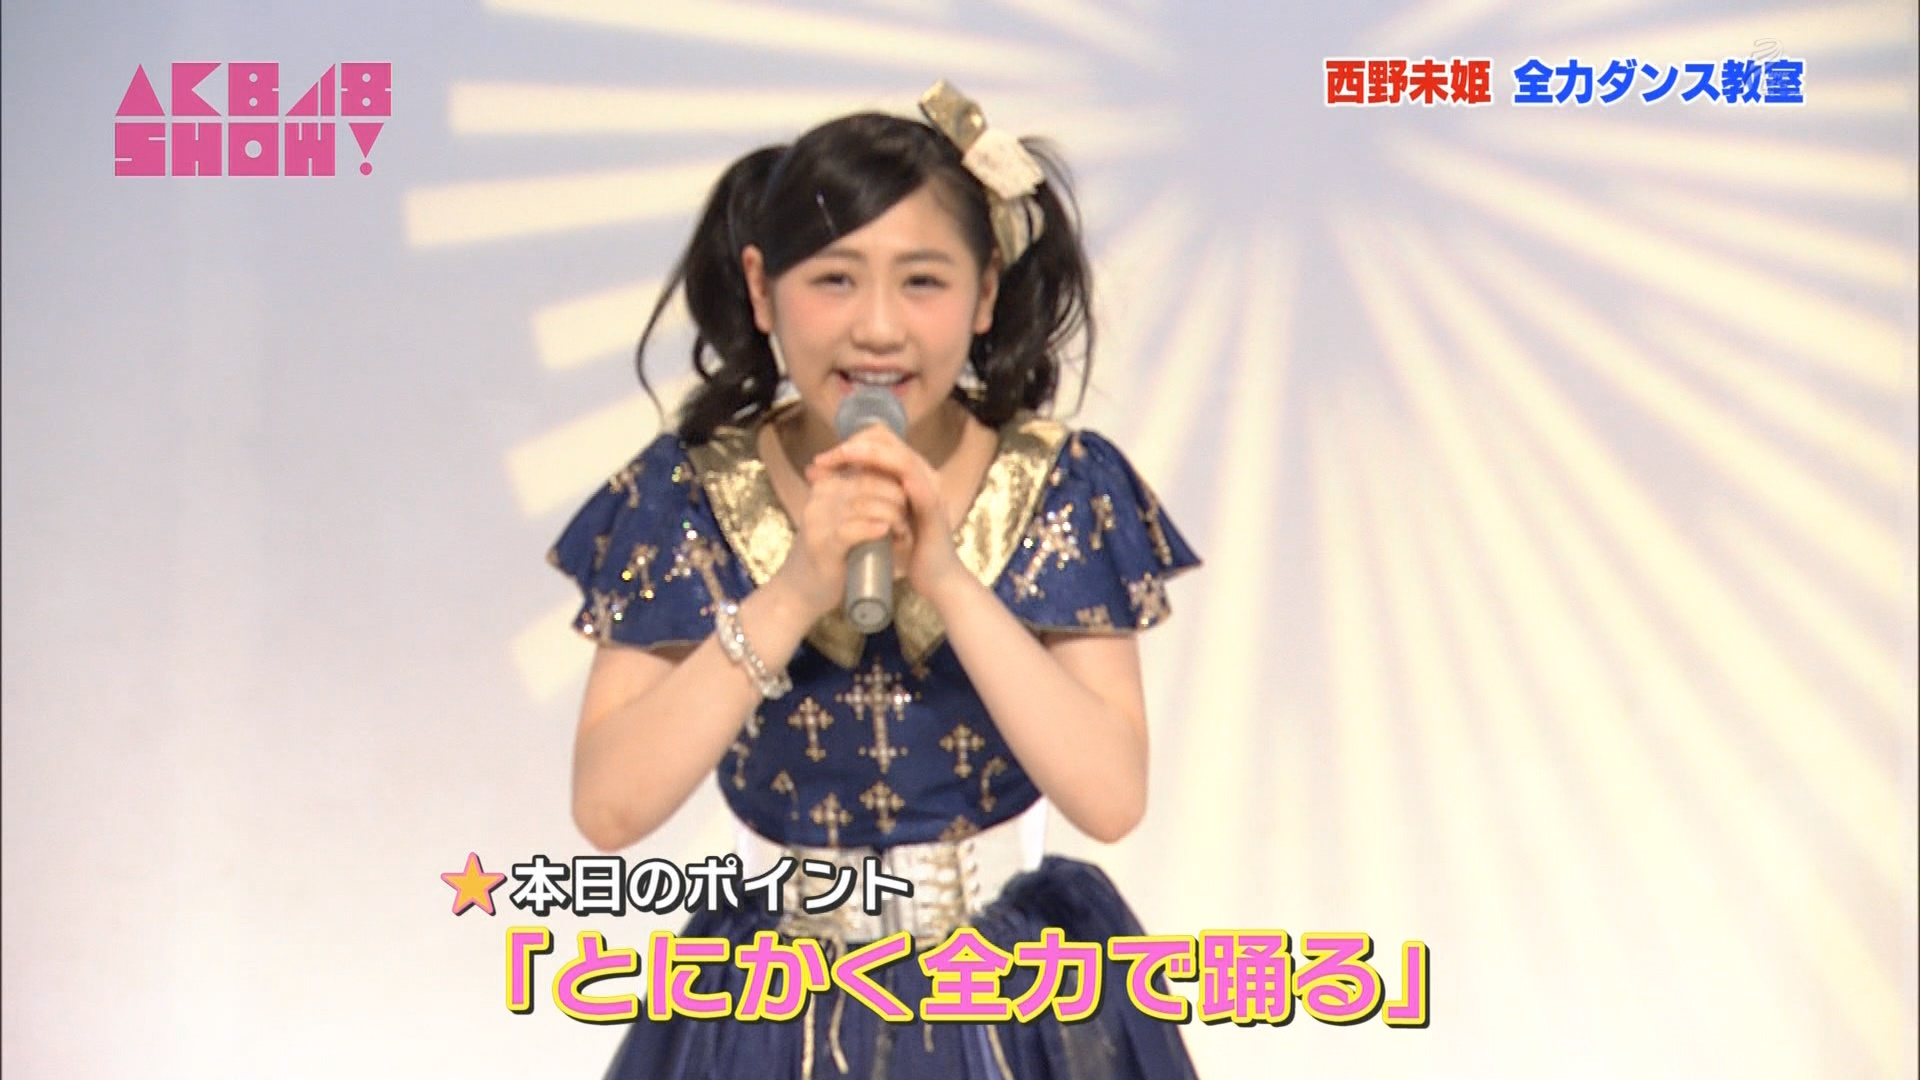 大和田南那「ファンも握手会も大嫌いだった。明日からは新しい私として頑張ります」©2ch.net->画像>344枚